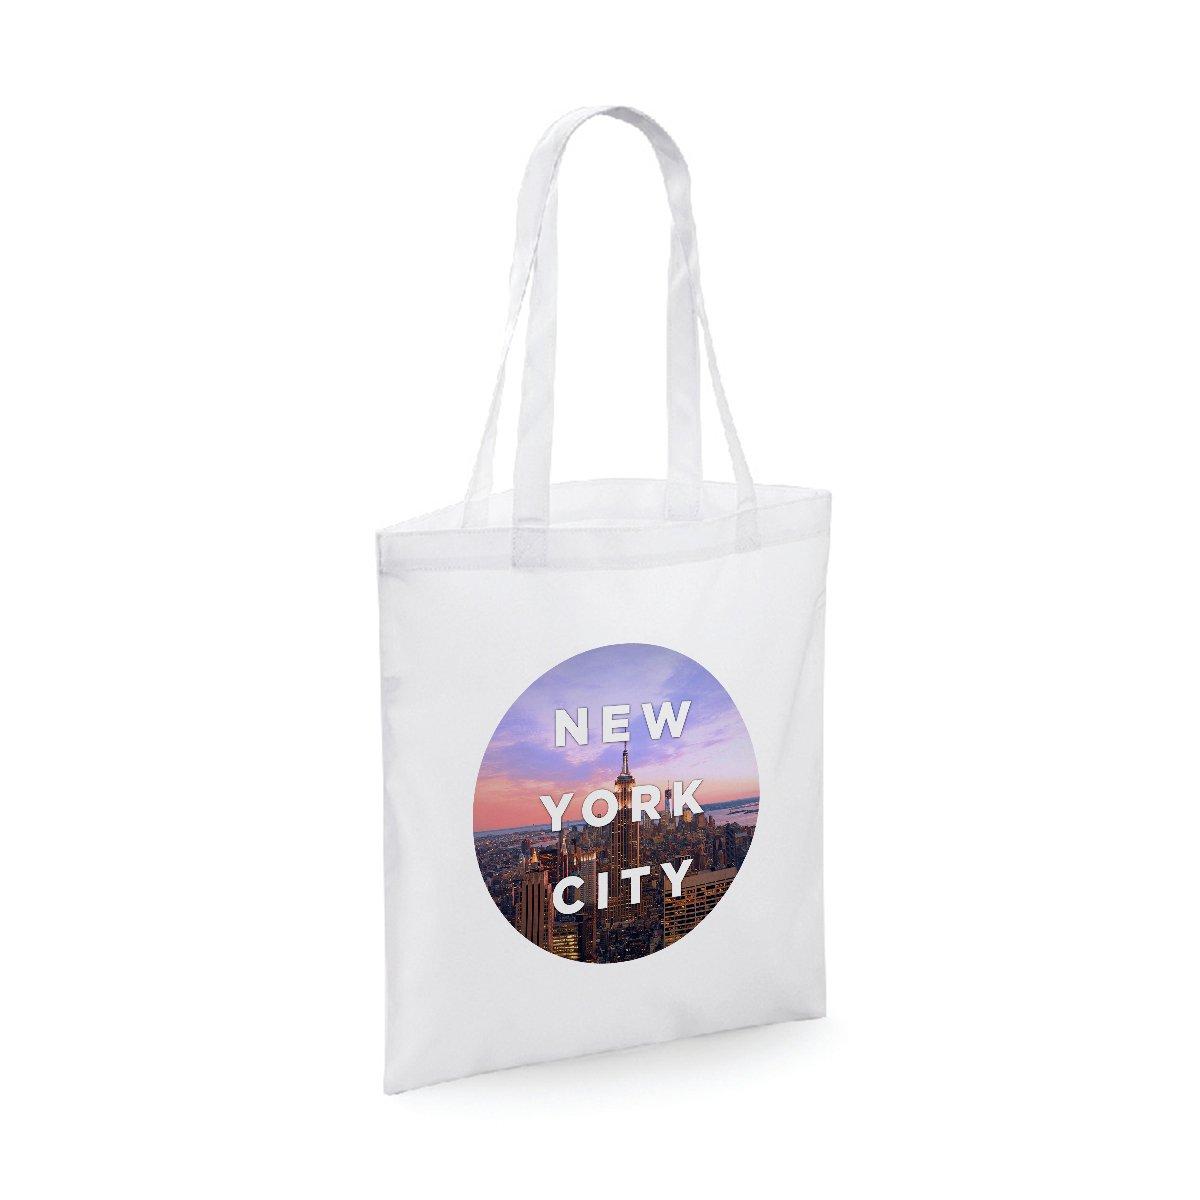 bubbleshirt Shopping Bag New york city - città - idea regalo - in cotone Lunghezza del manico: 40 cm.